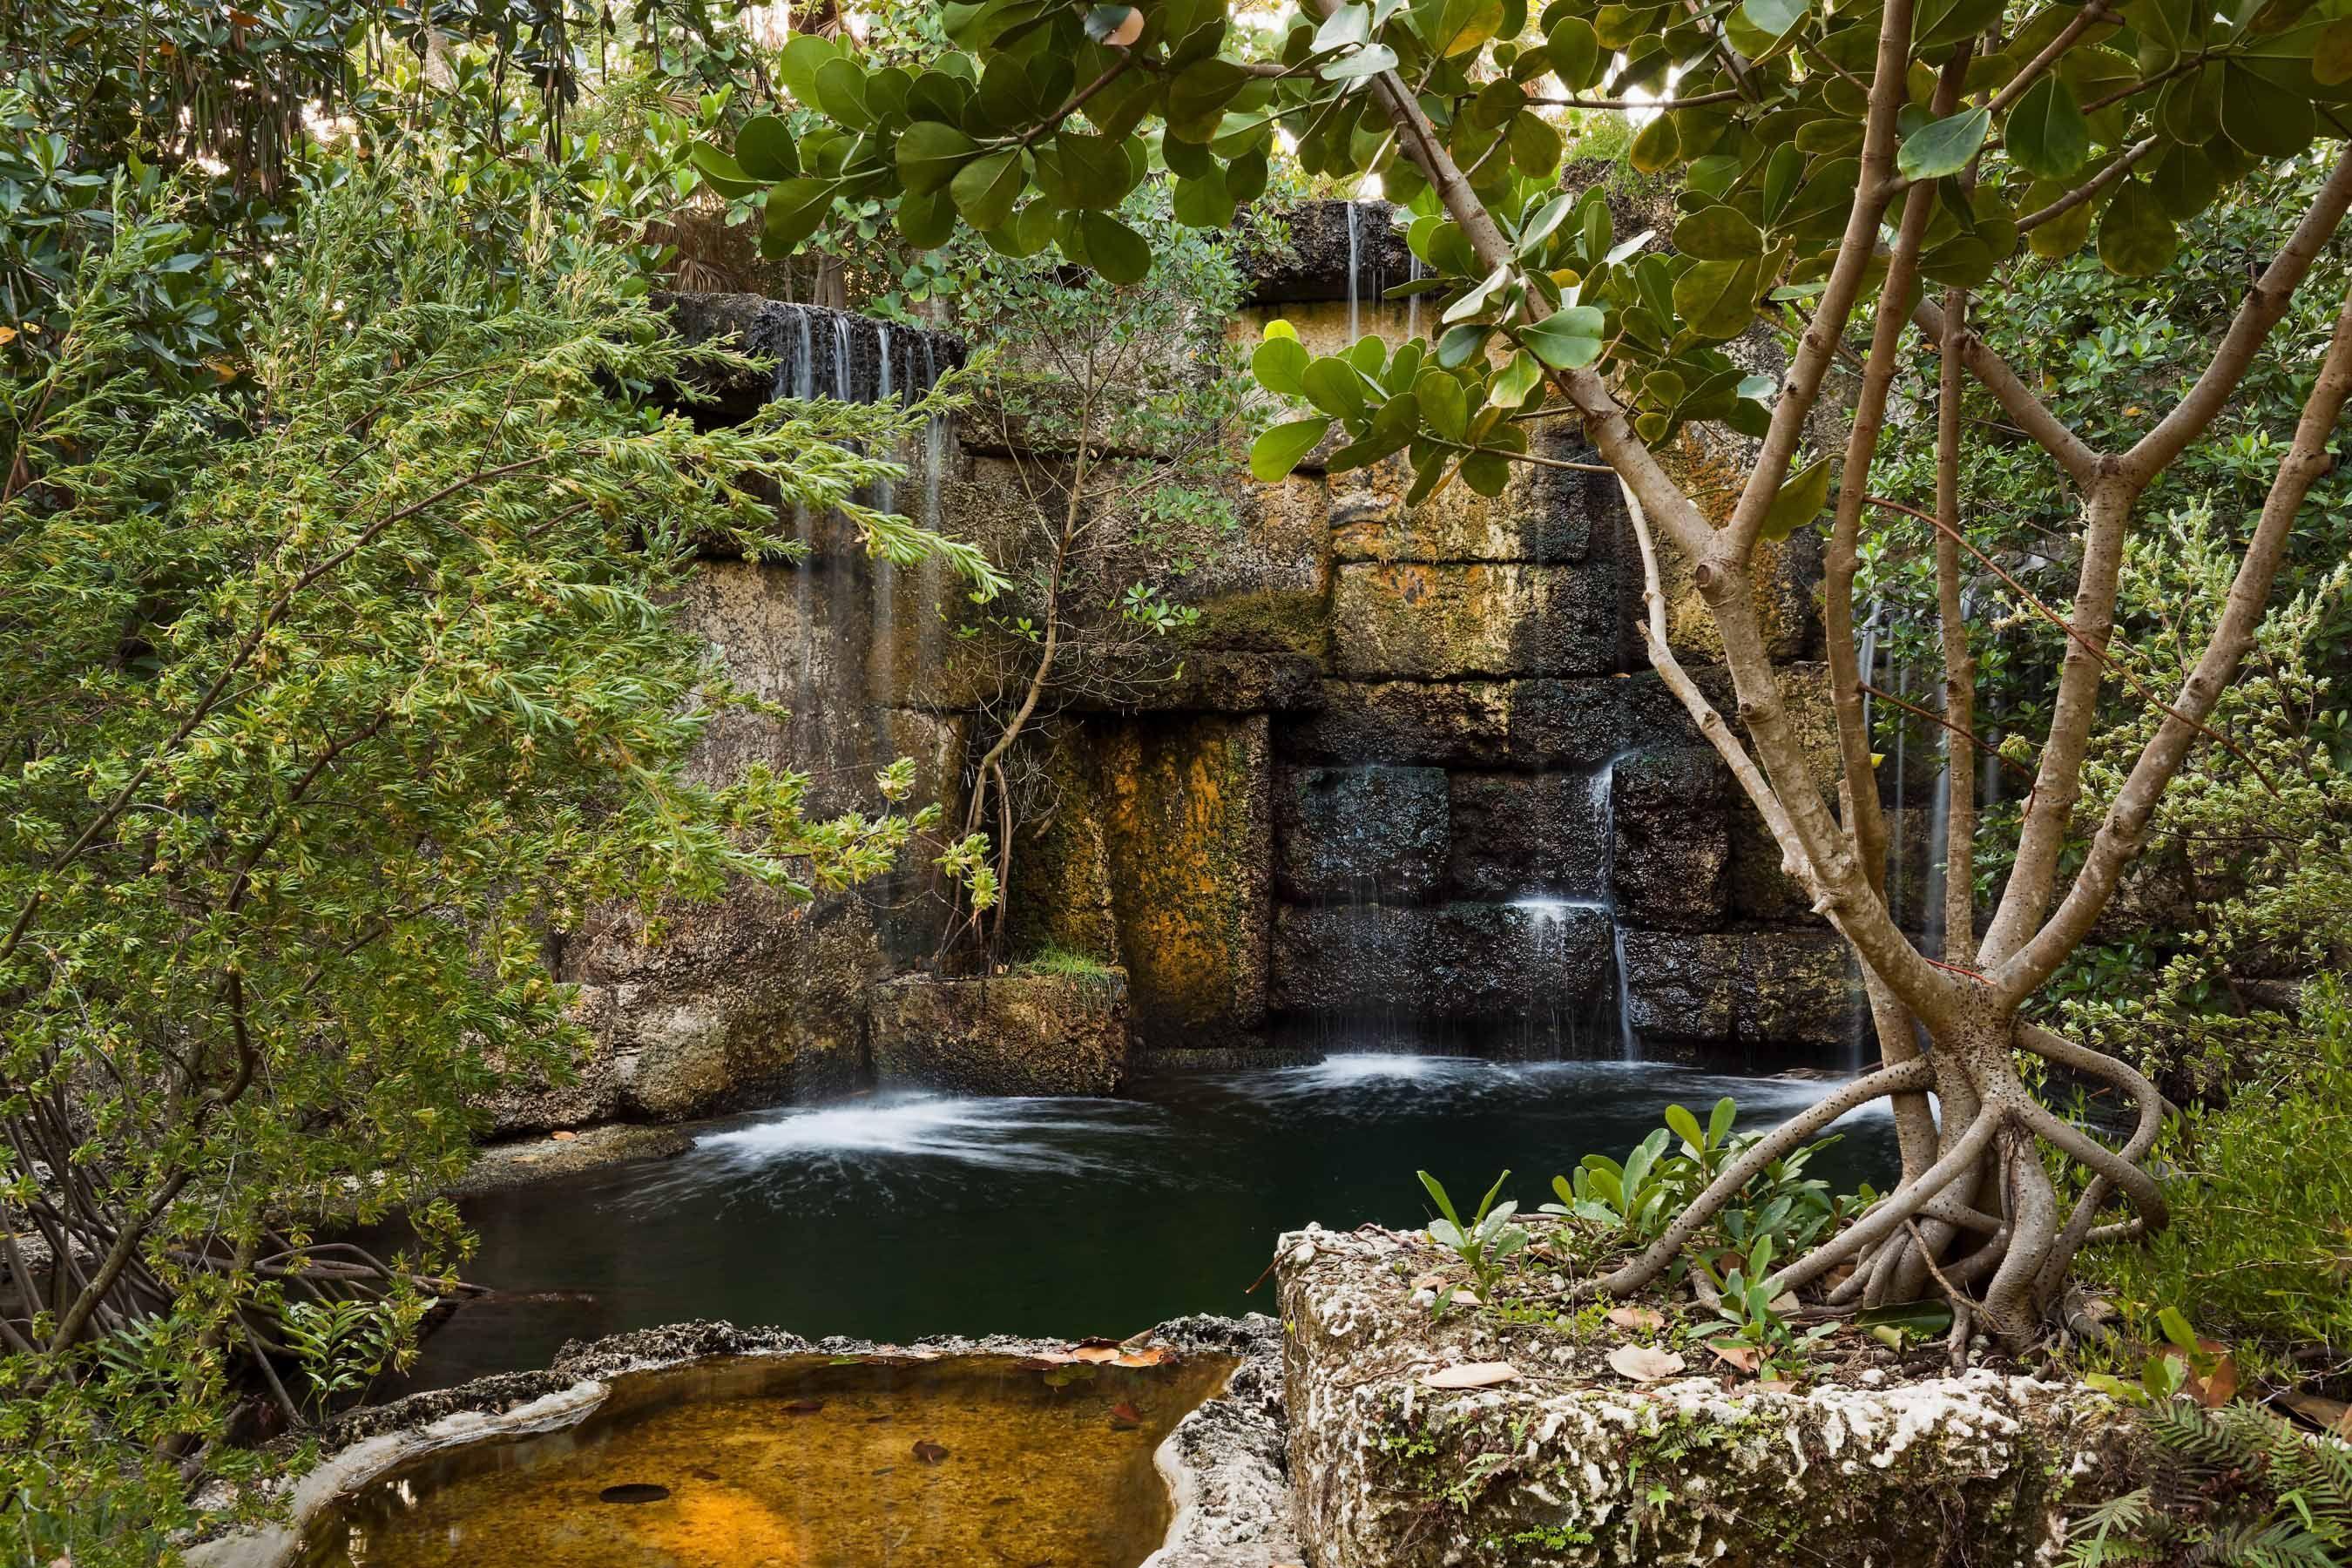 Raymond jungles tropical garden hidden pond | tropical gardens ...